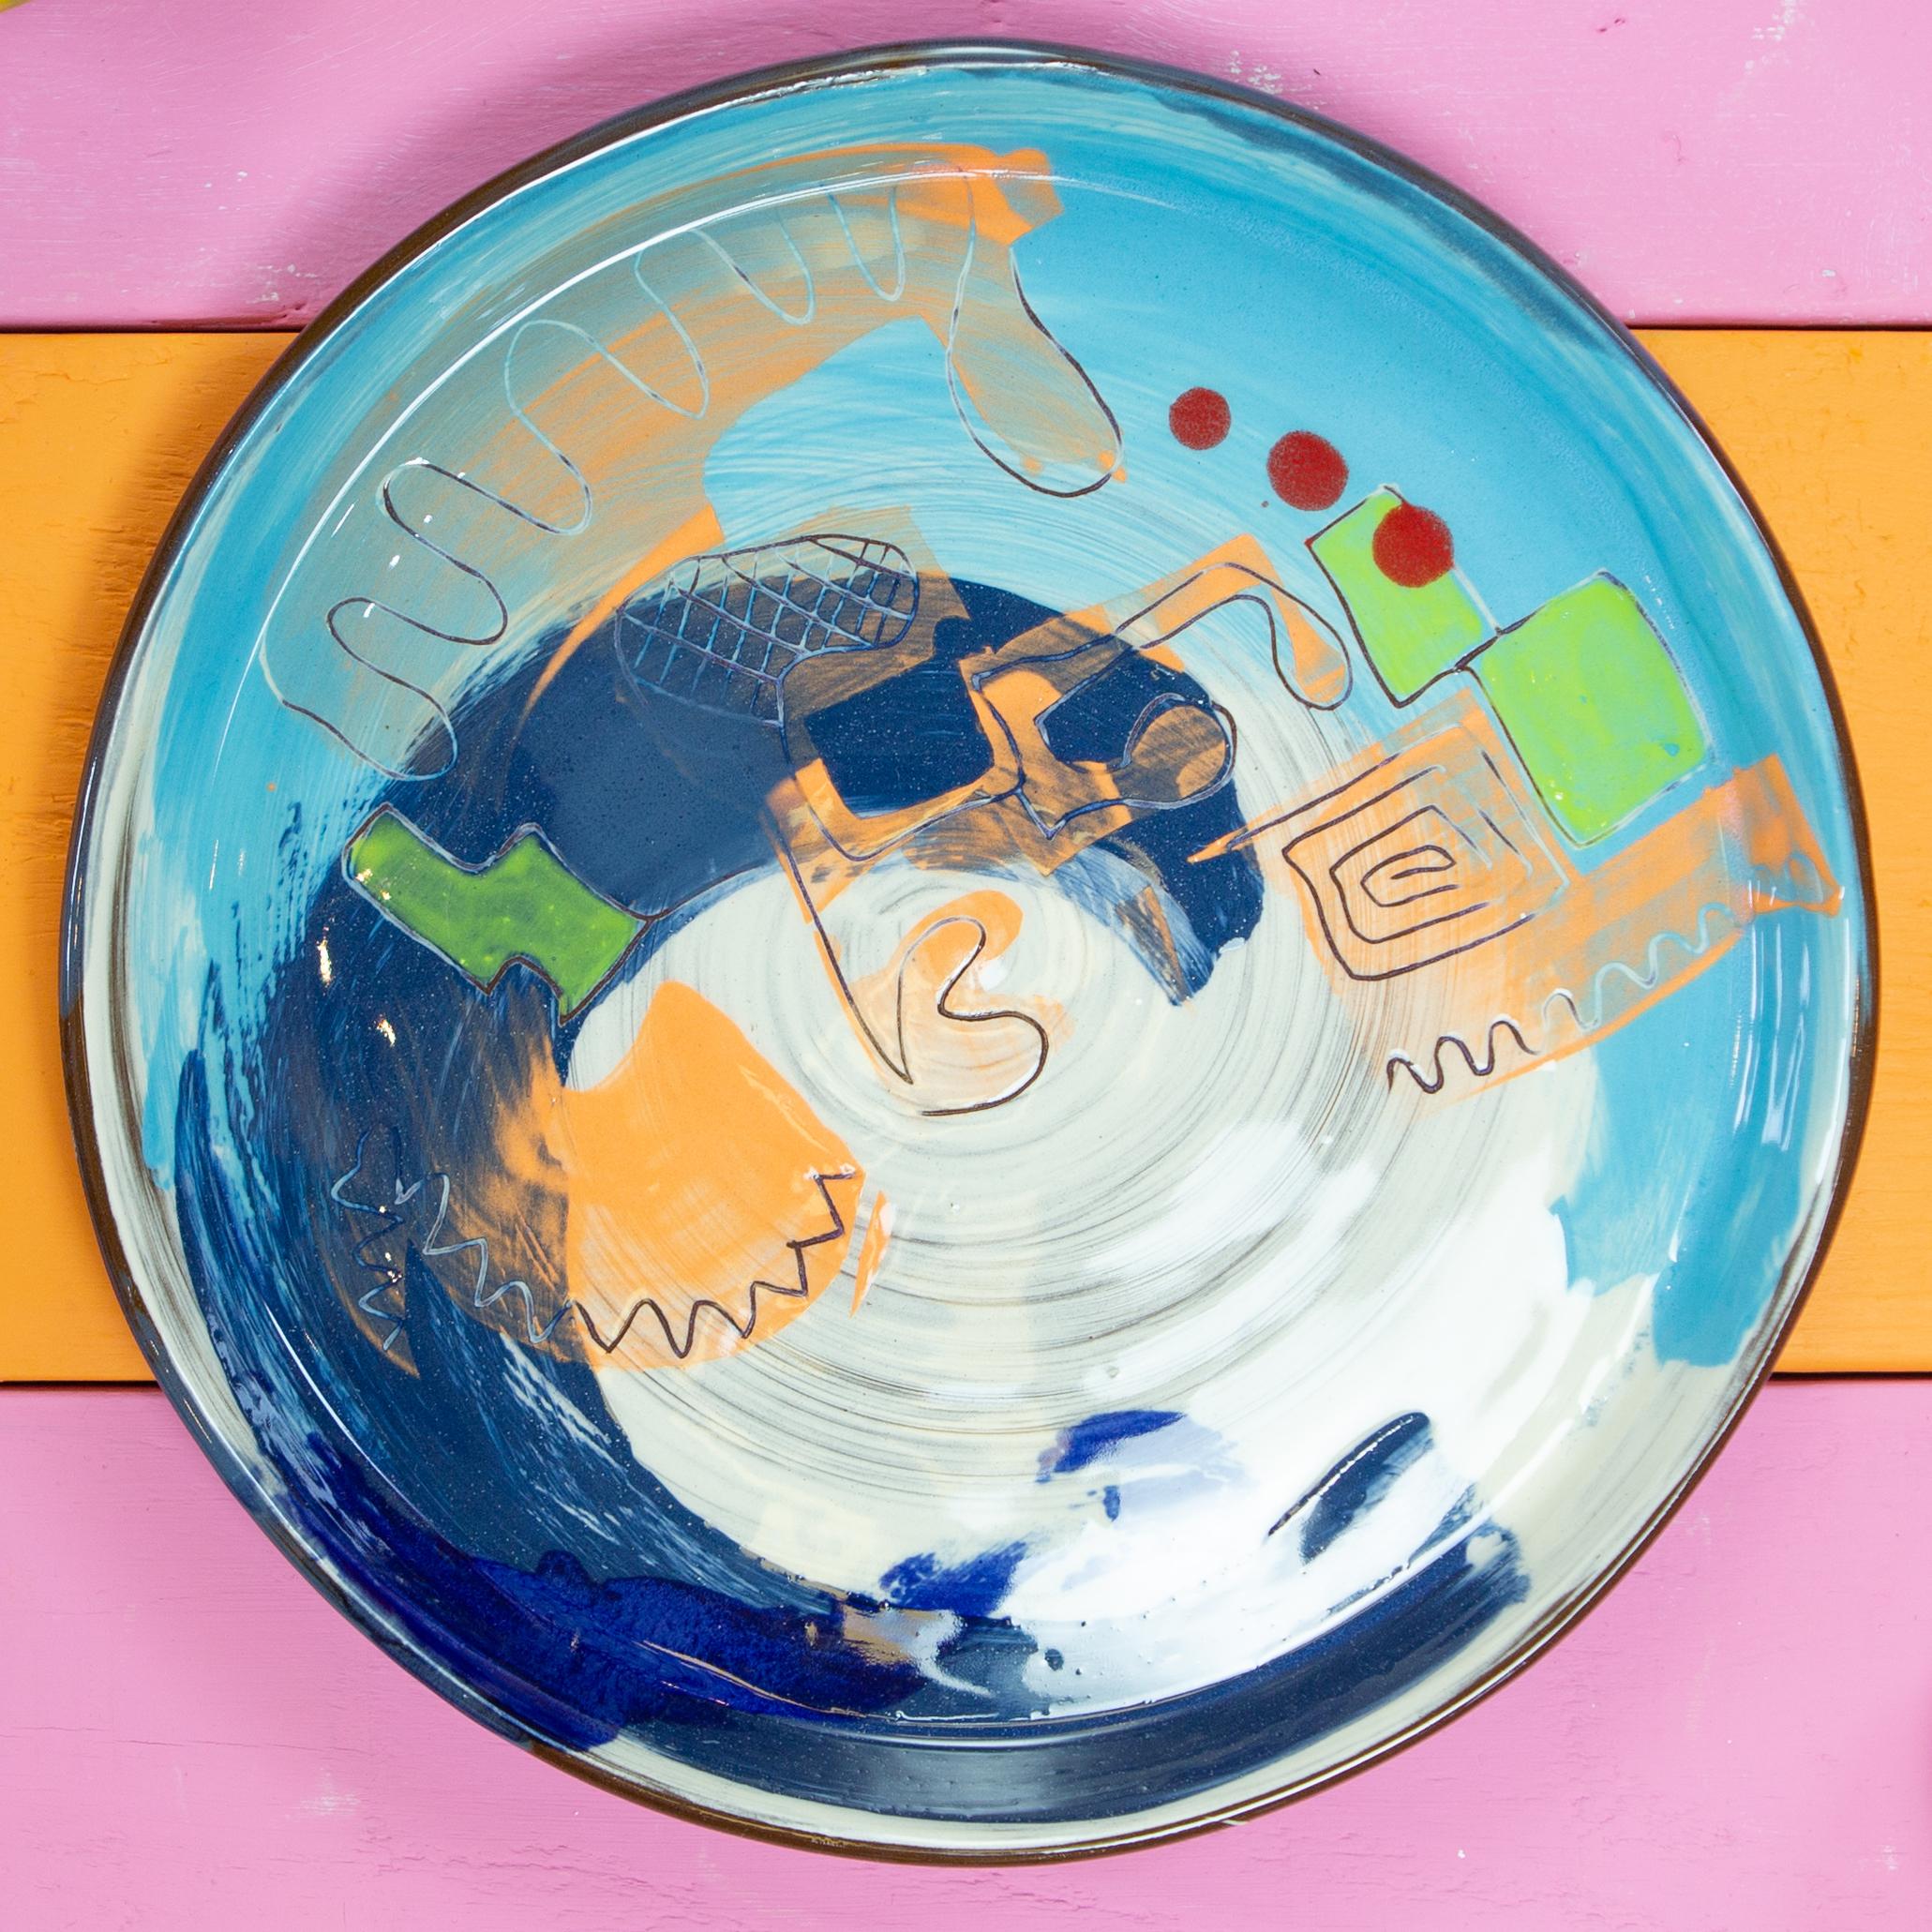 Yogi dinner plate by Leyla Folwell